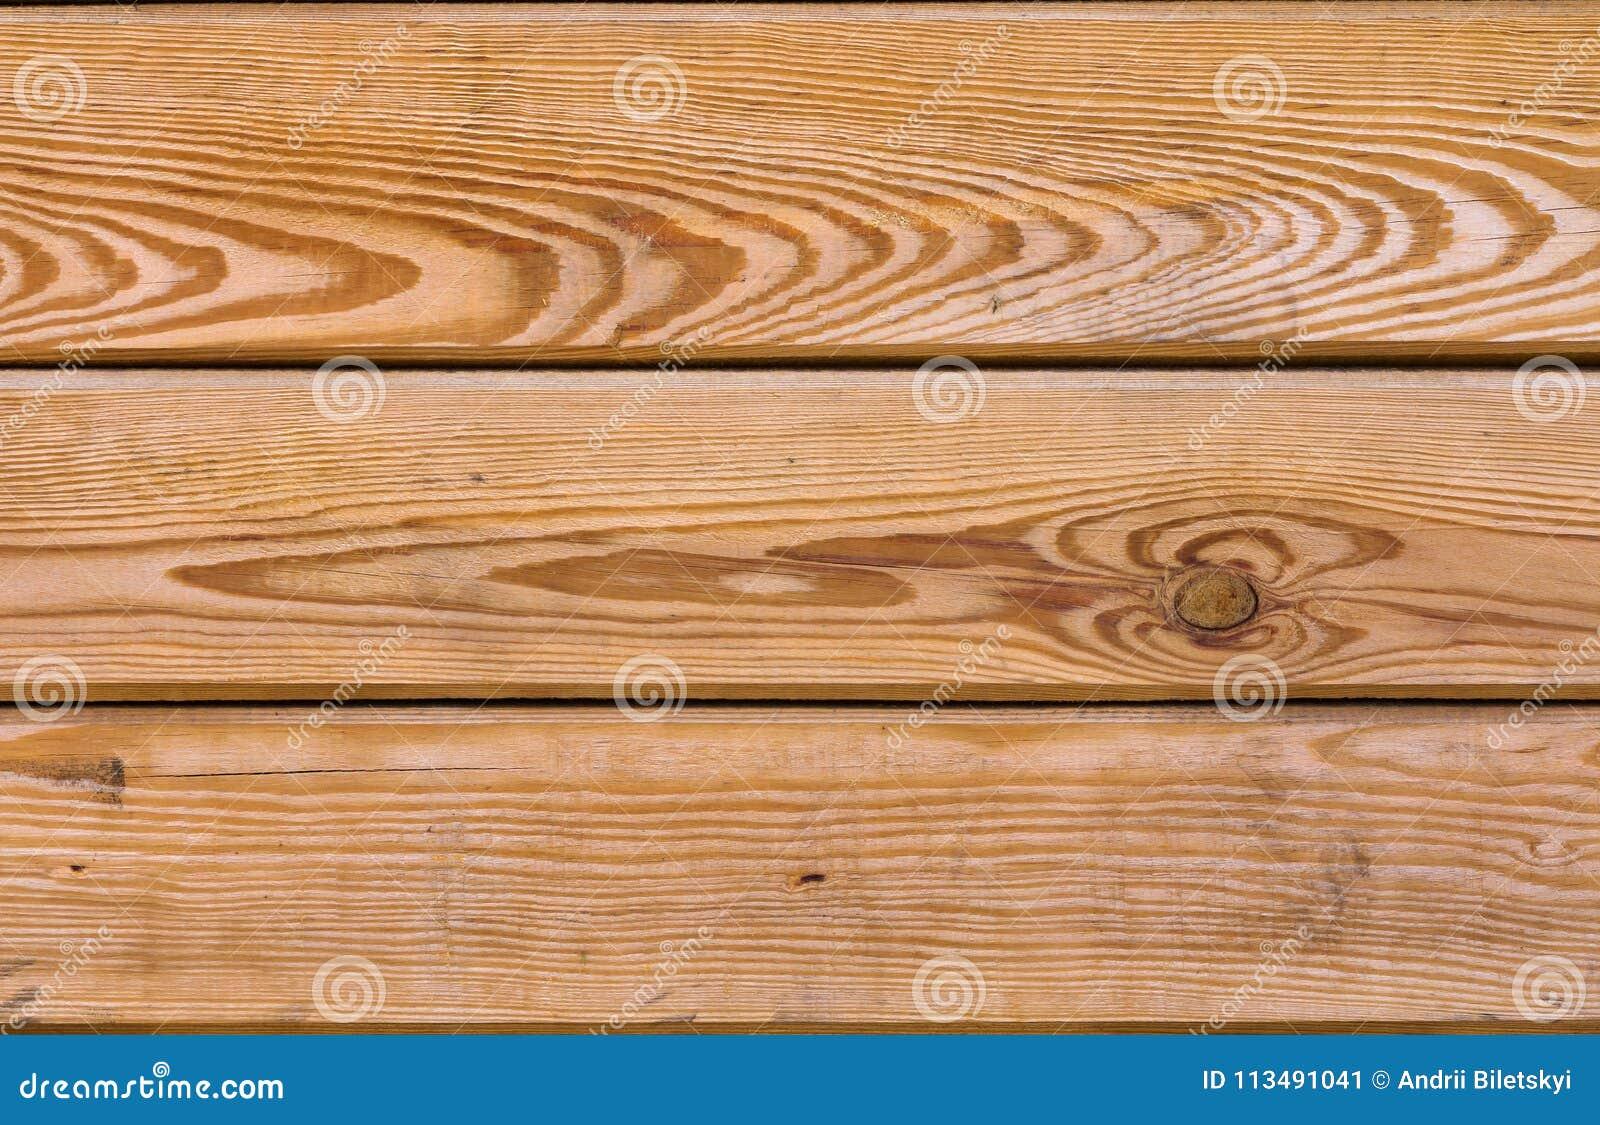 Χρωματισμένο ξύλινο υπόβαθρο σανίδων ΠΑΛΑΙΑ ΞΕΠΕΡΑΣΜΕΝΗ ΞΥΛΙΝΗ ΣΥΣΤΑΣΗ Βιομηχανικός και grunge τοίχος στο εσωτερικό σοφιτών